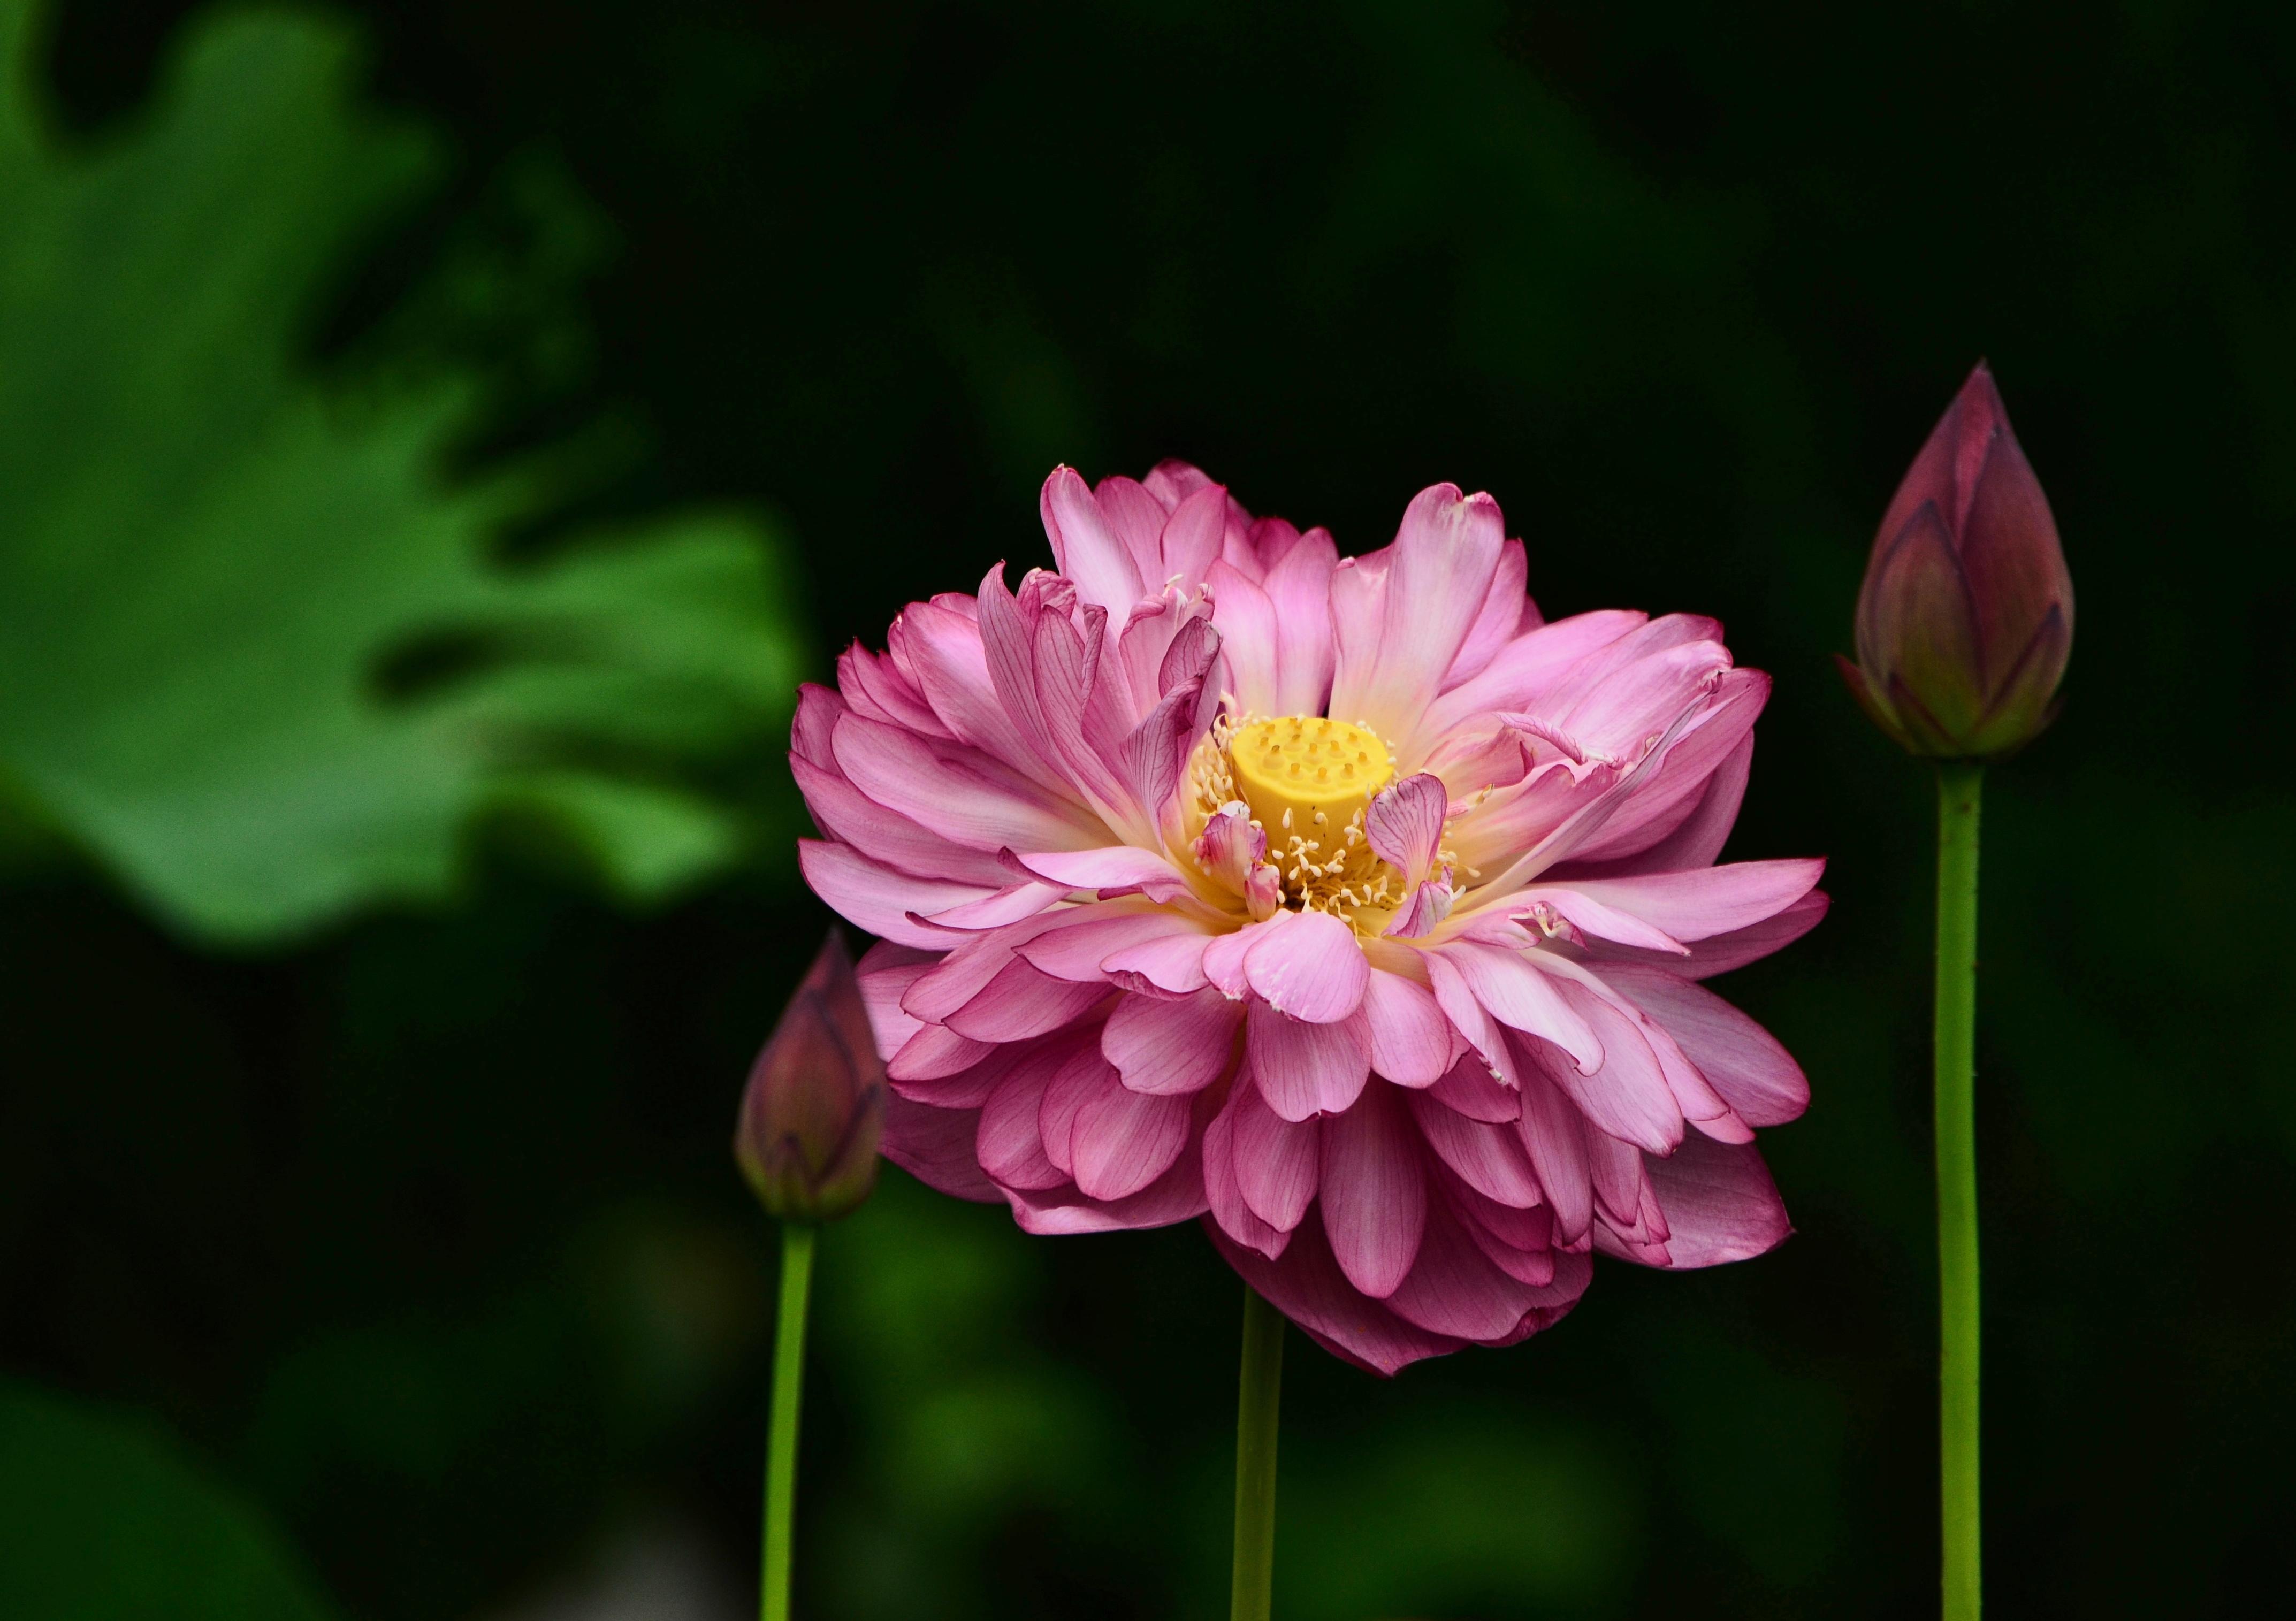 Fond D Ecran Japon Jardin Fleur Rose Dahlia Flore